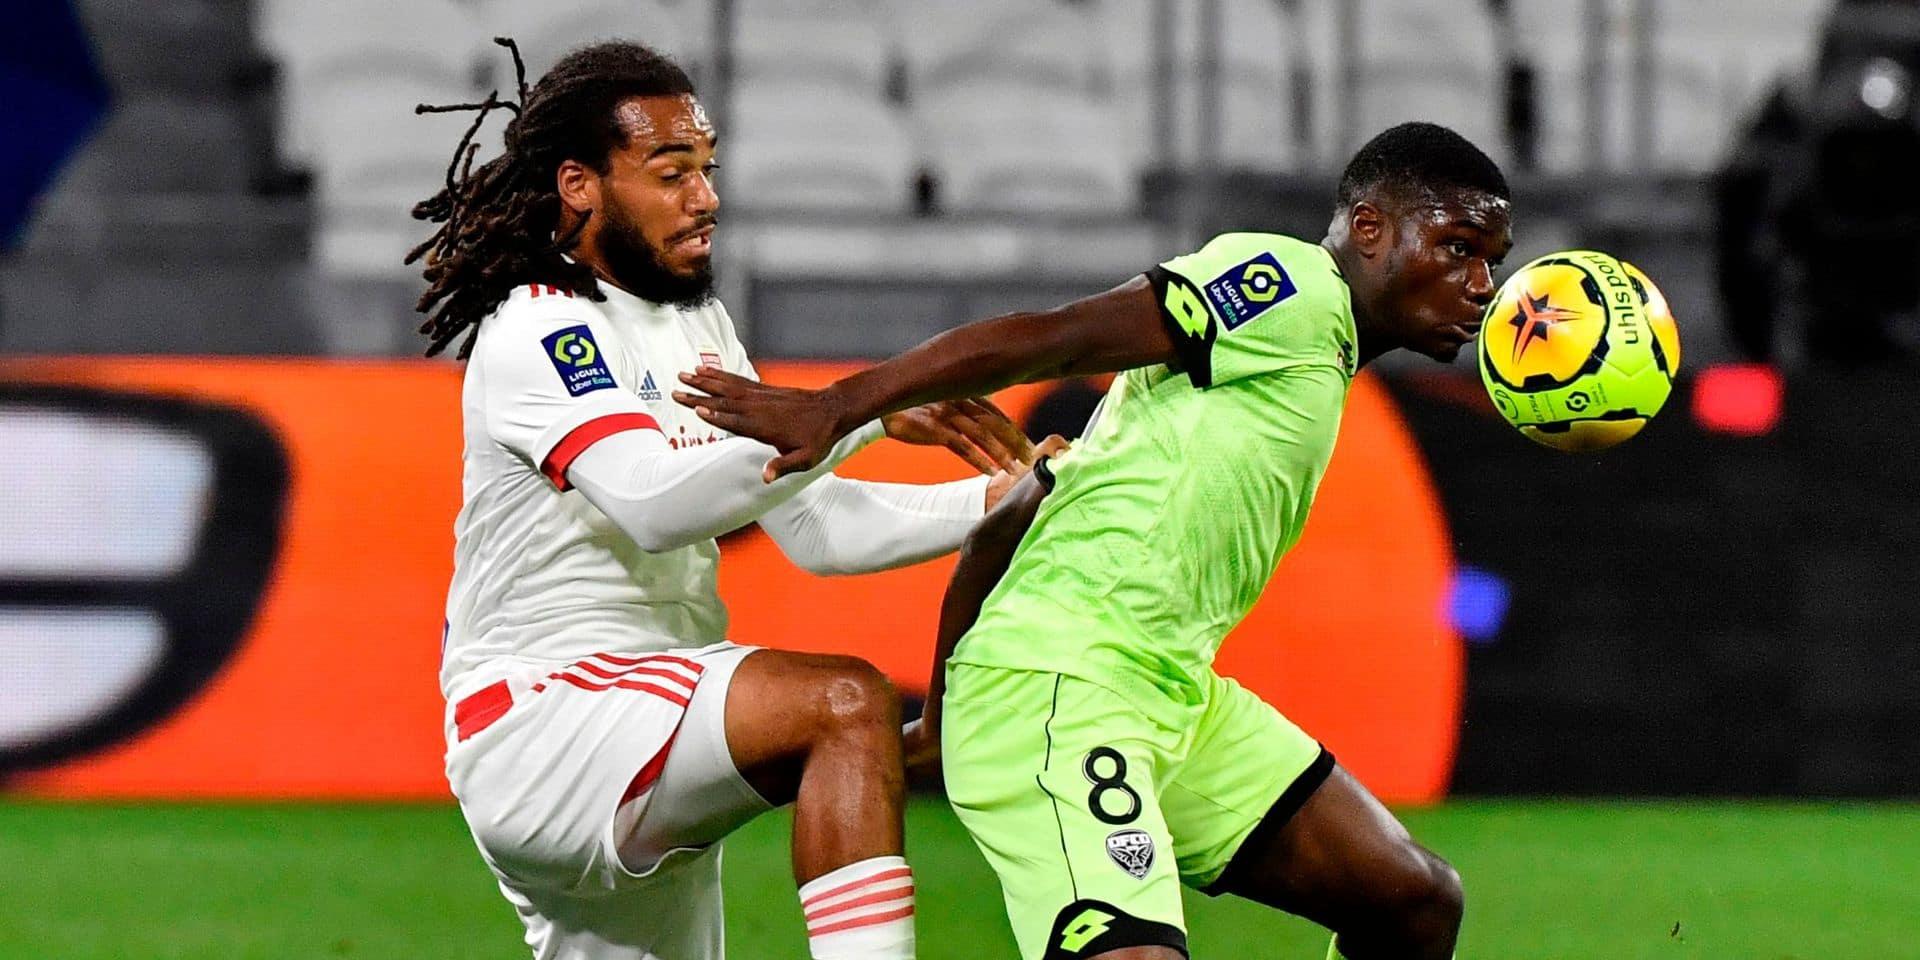 Les Belges à l'étranger: Lyon, avec Denayer, commence par une large victoire